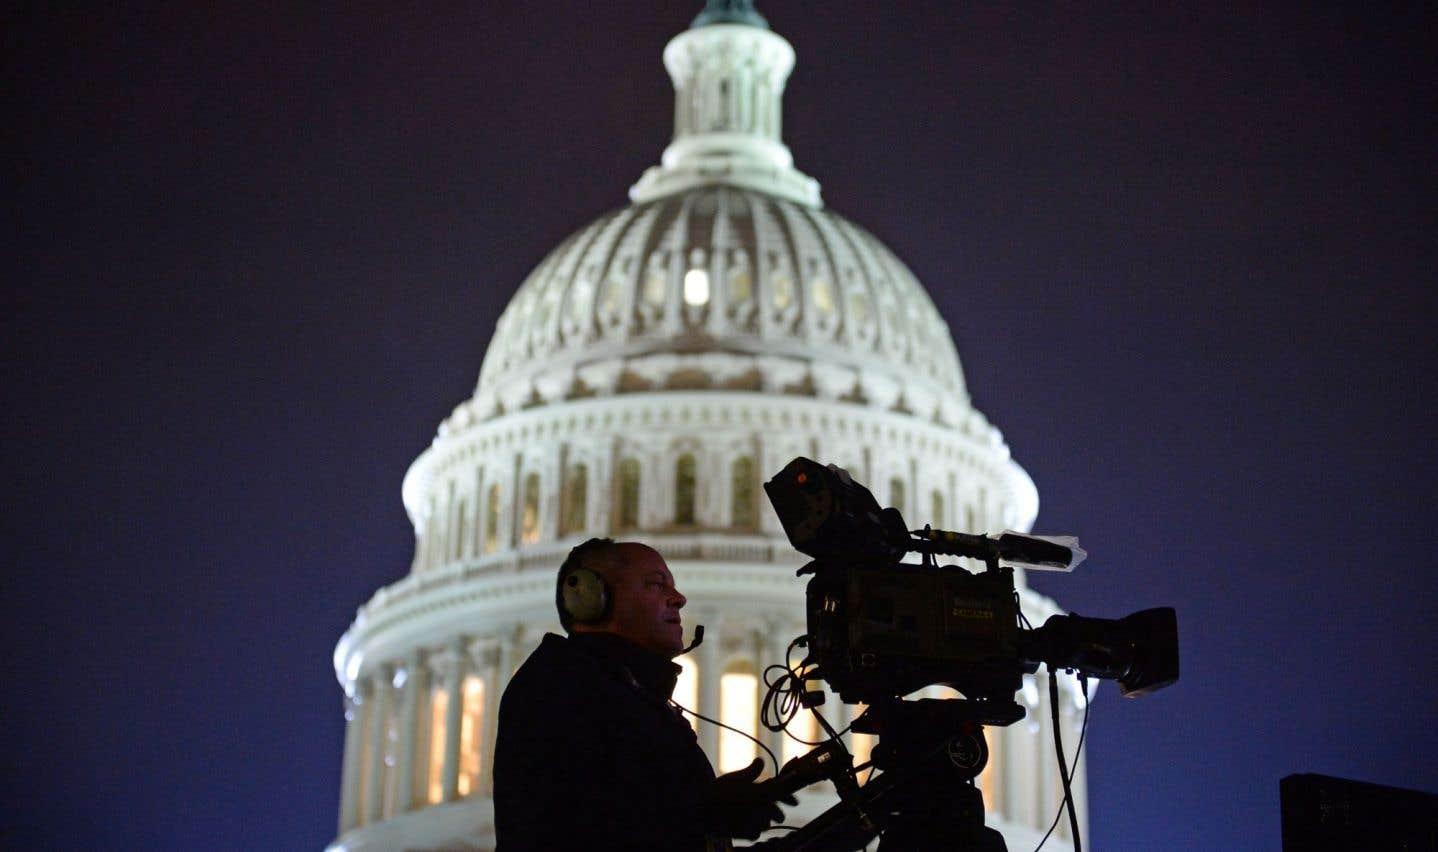 Le milieu culturel horrifié par les coupes budgétaires de Trump